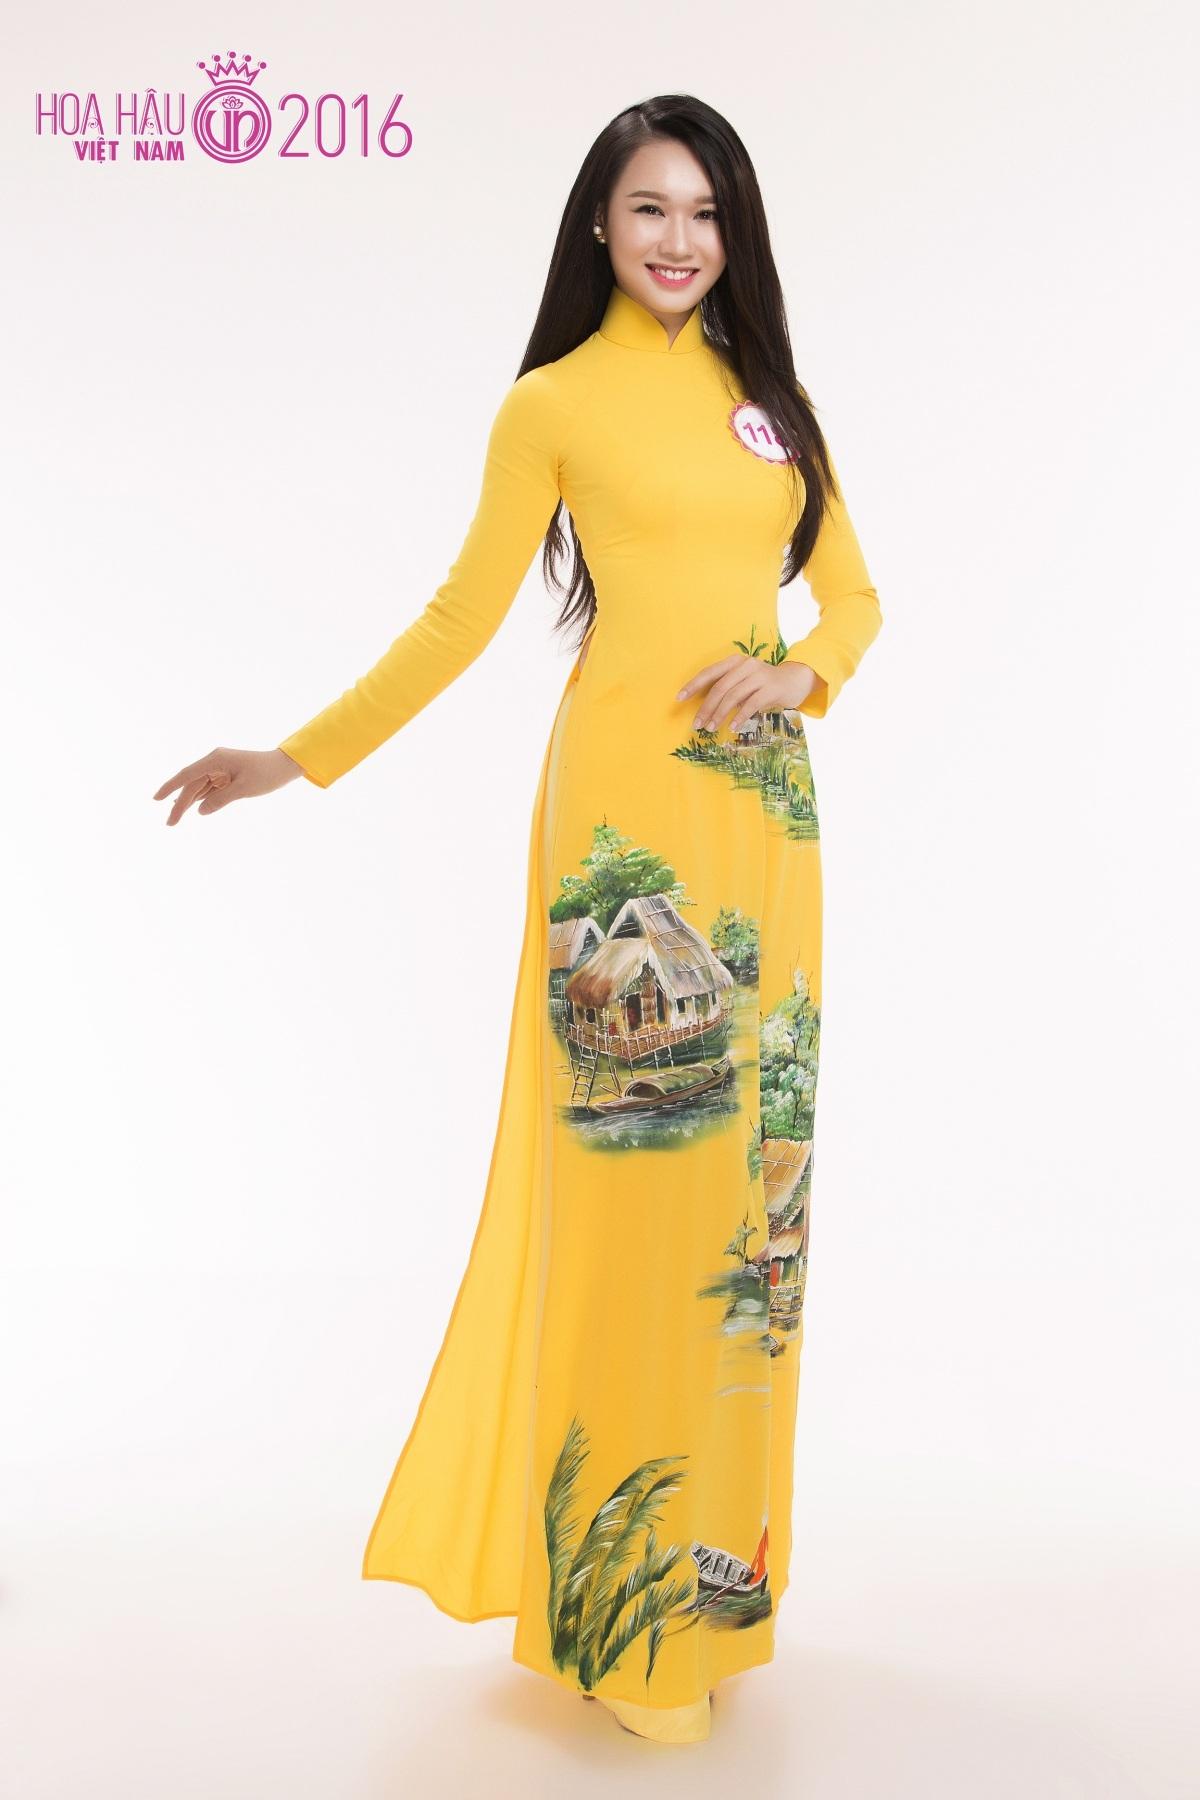 Nguyễn Thuỳ Linh